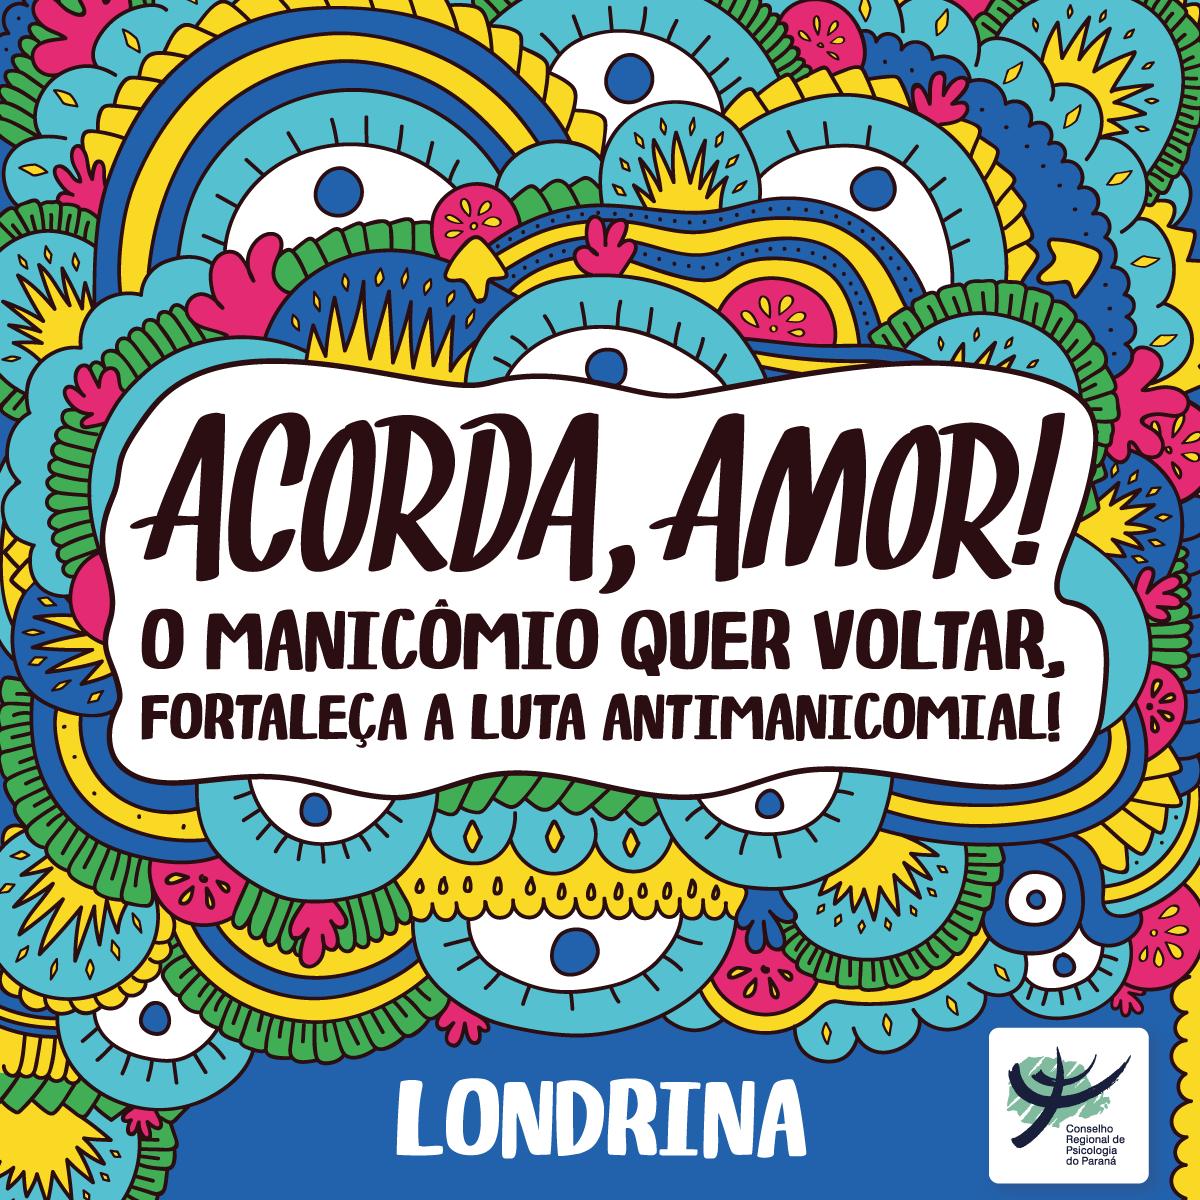 Londrina | Acorda, amor! O manicômio quer voltar